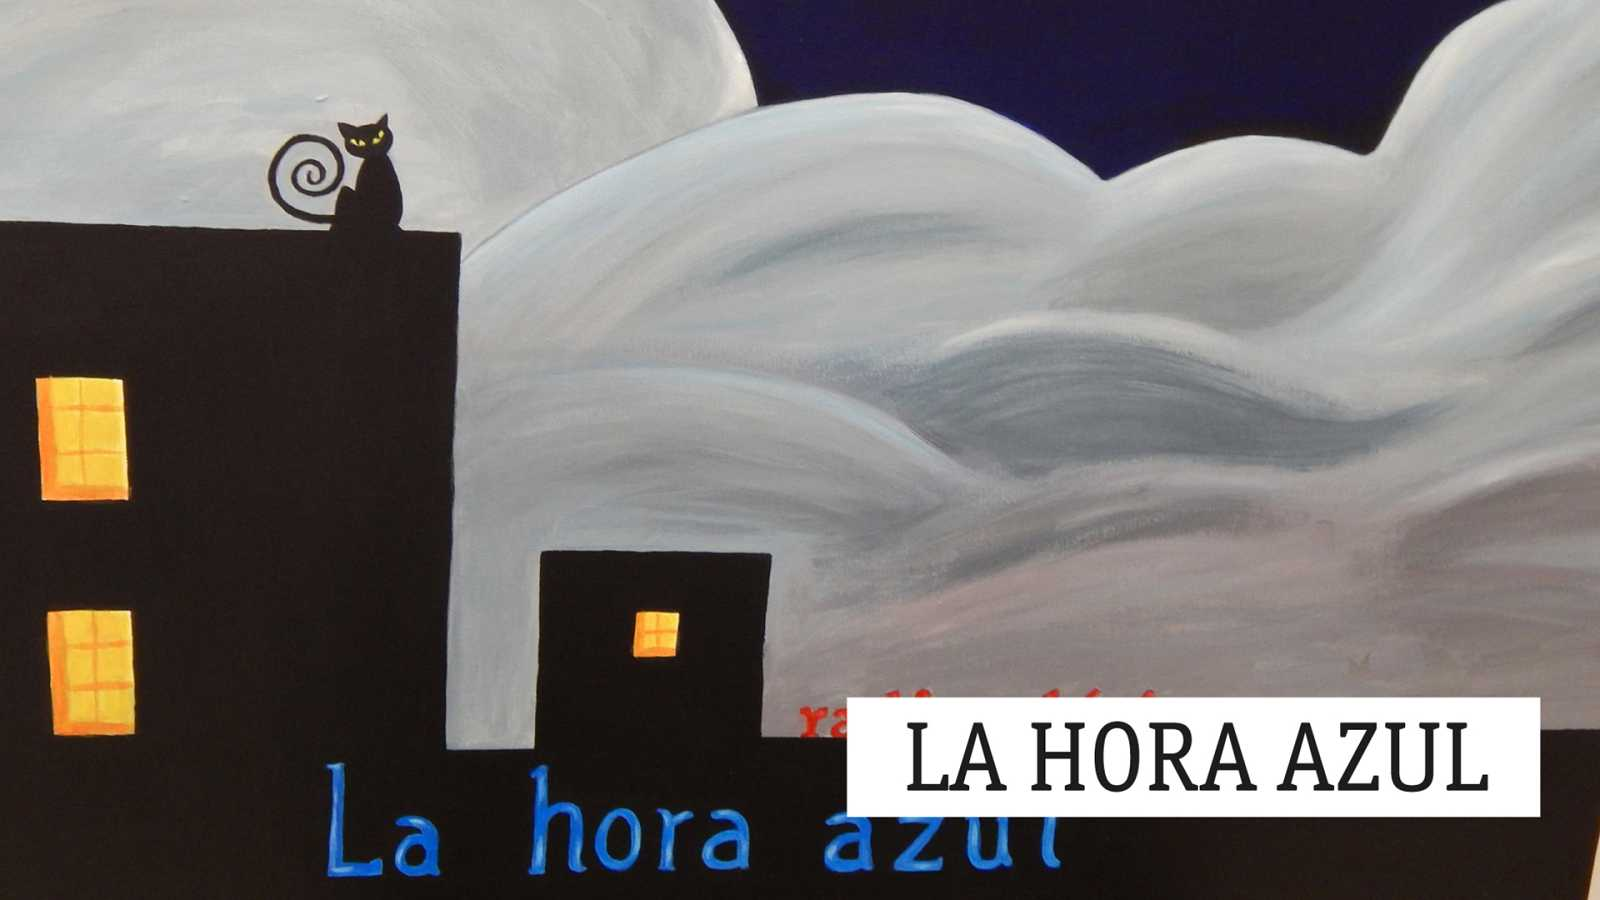 La hora azul - El solemne adagio del invierno/Dioniso y el Hades - 29/12/20 - escuchar ahora